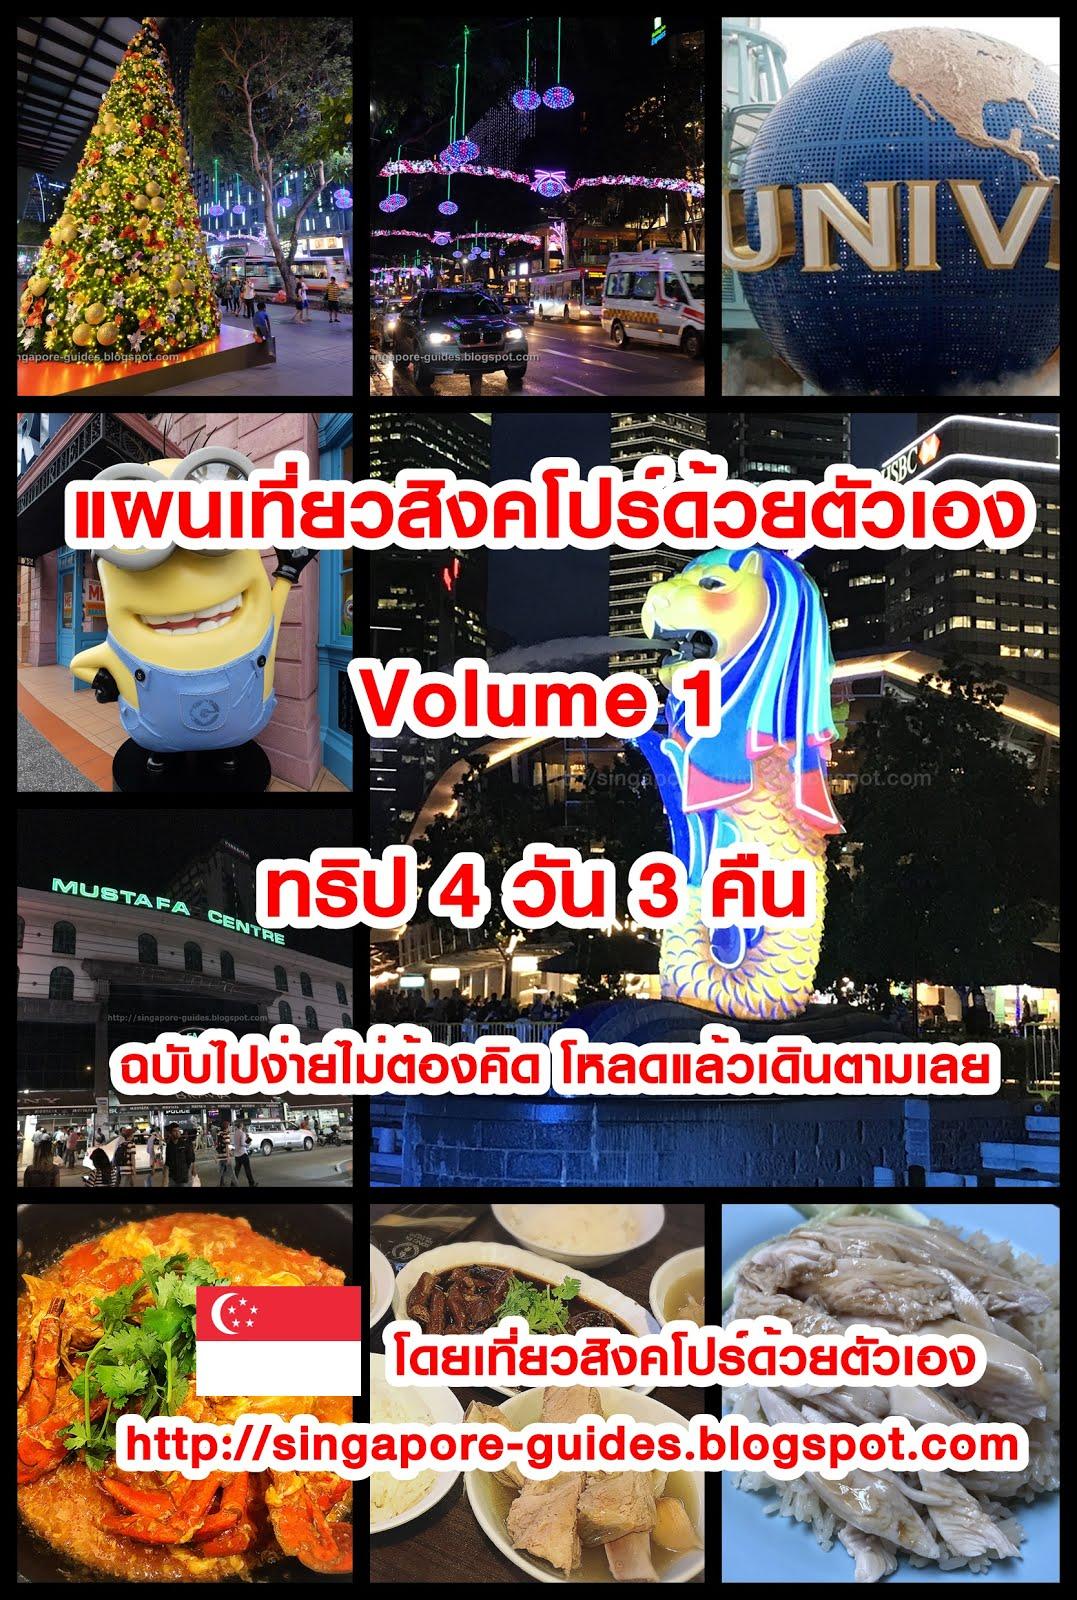 Ebook แผนเที่ยวสิงคโปร์ V.1